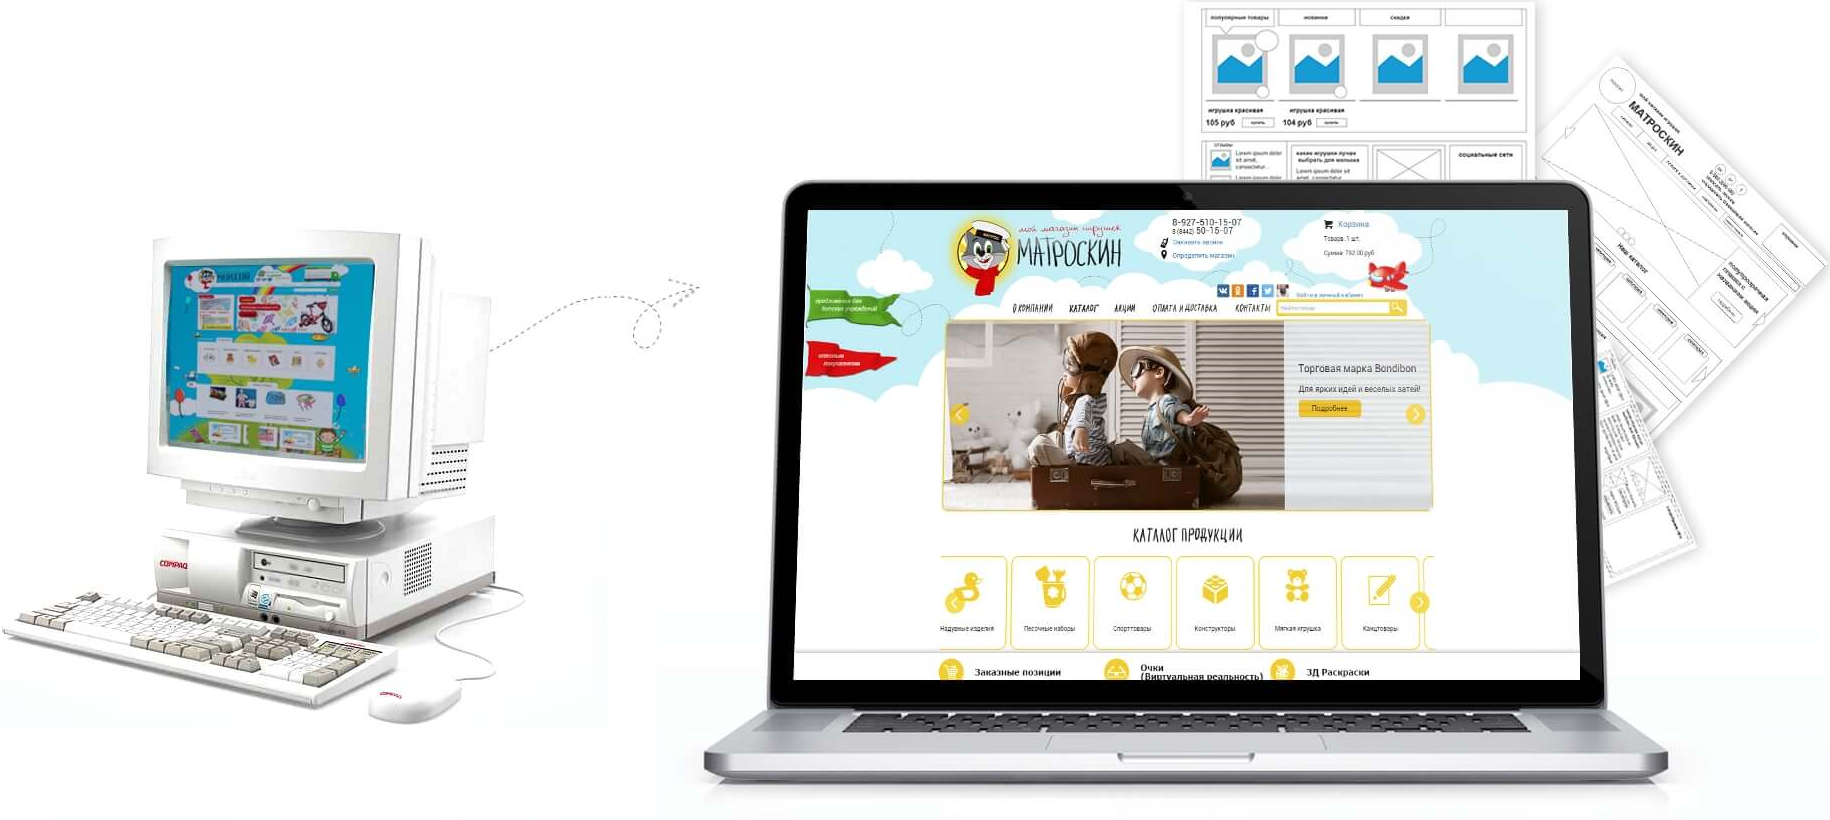 a6d8fbc081ff Создание интернет магазина детских товаров и игрушек - создание ...